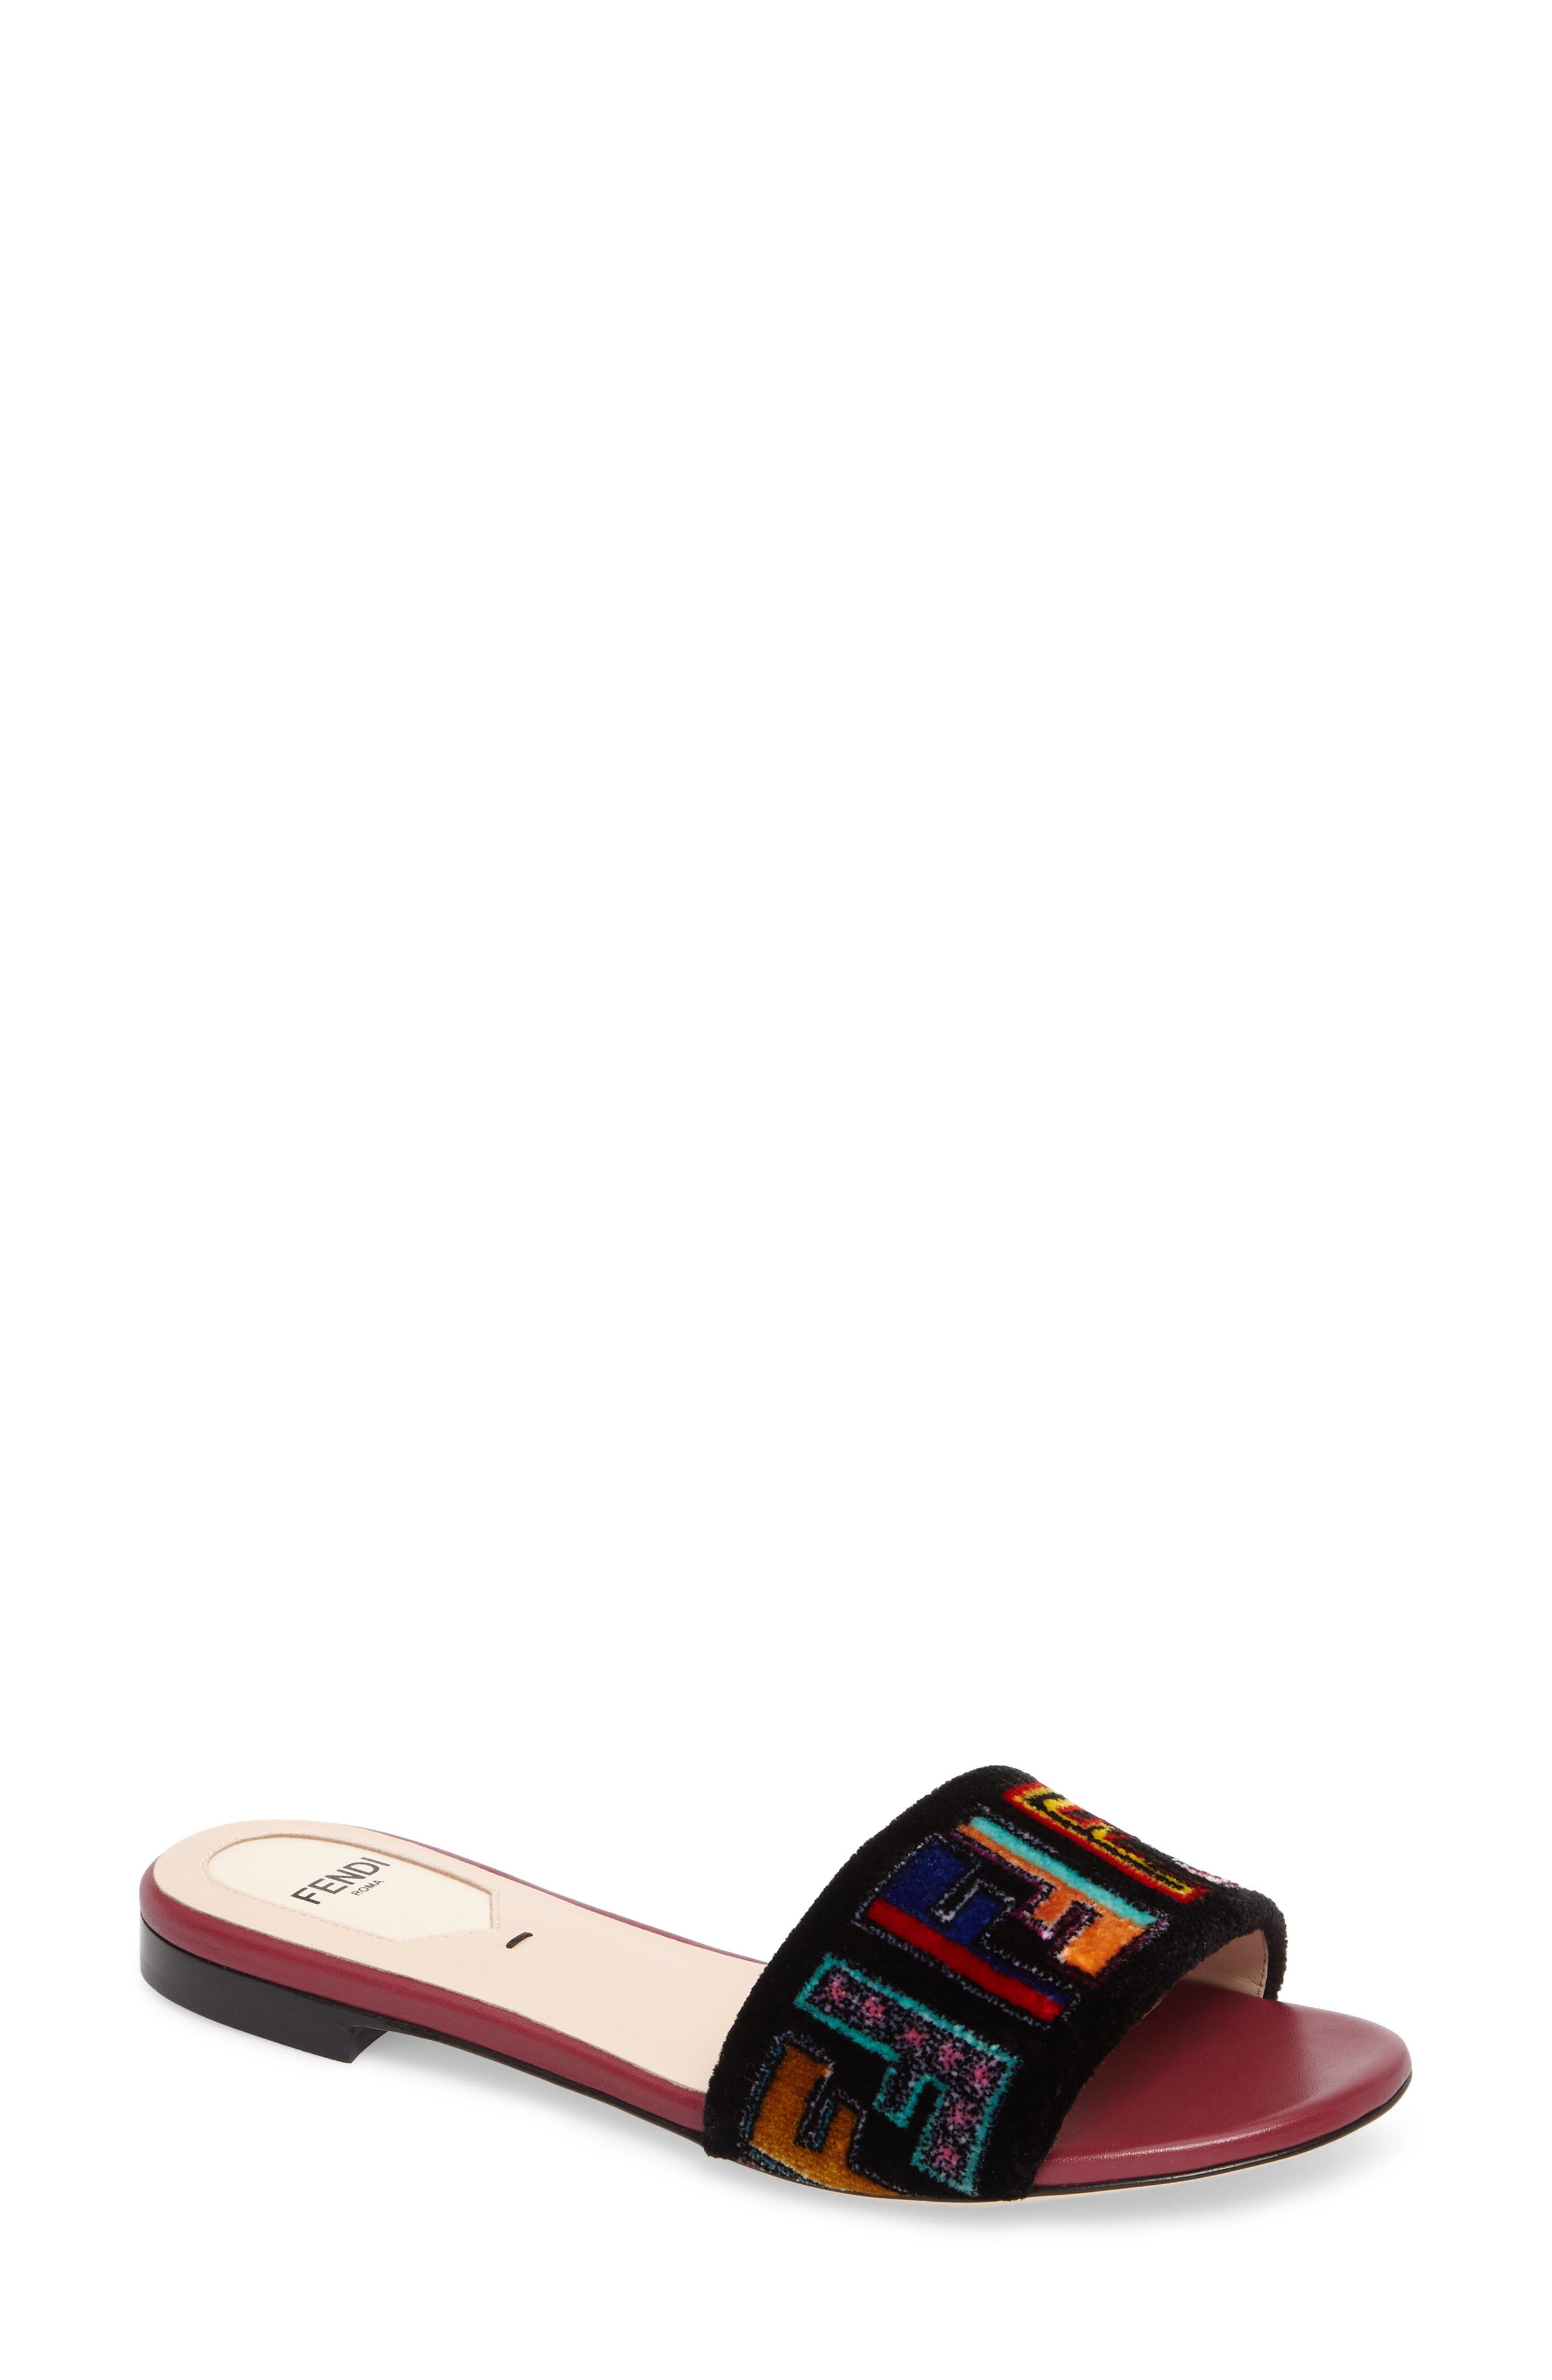 Alternate Image 1 Selected - Fendi Logo Slide Sandal (Women)